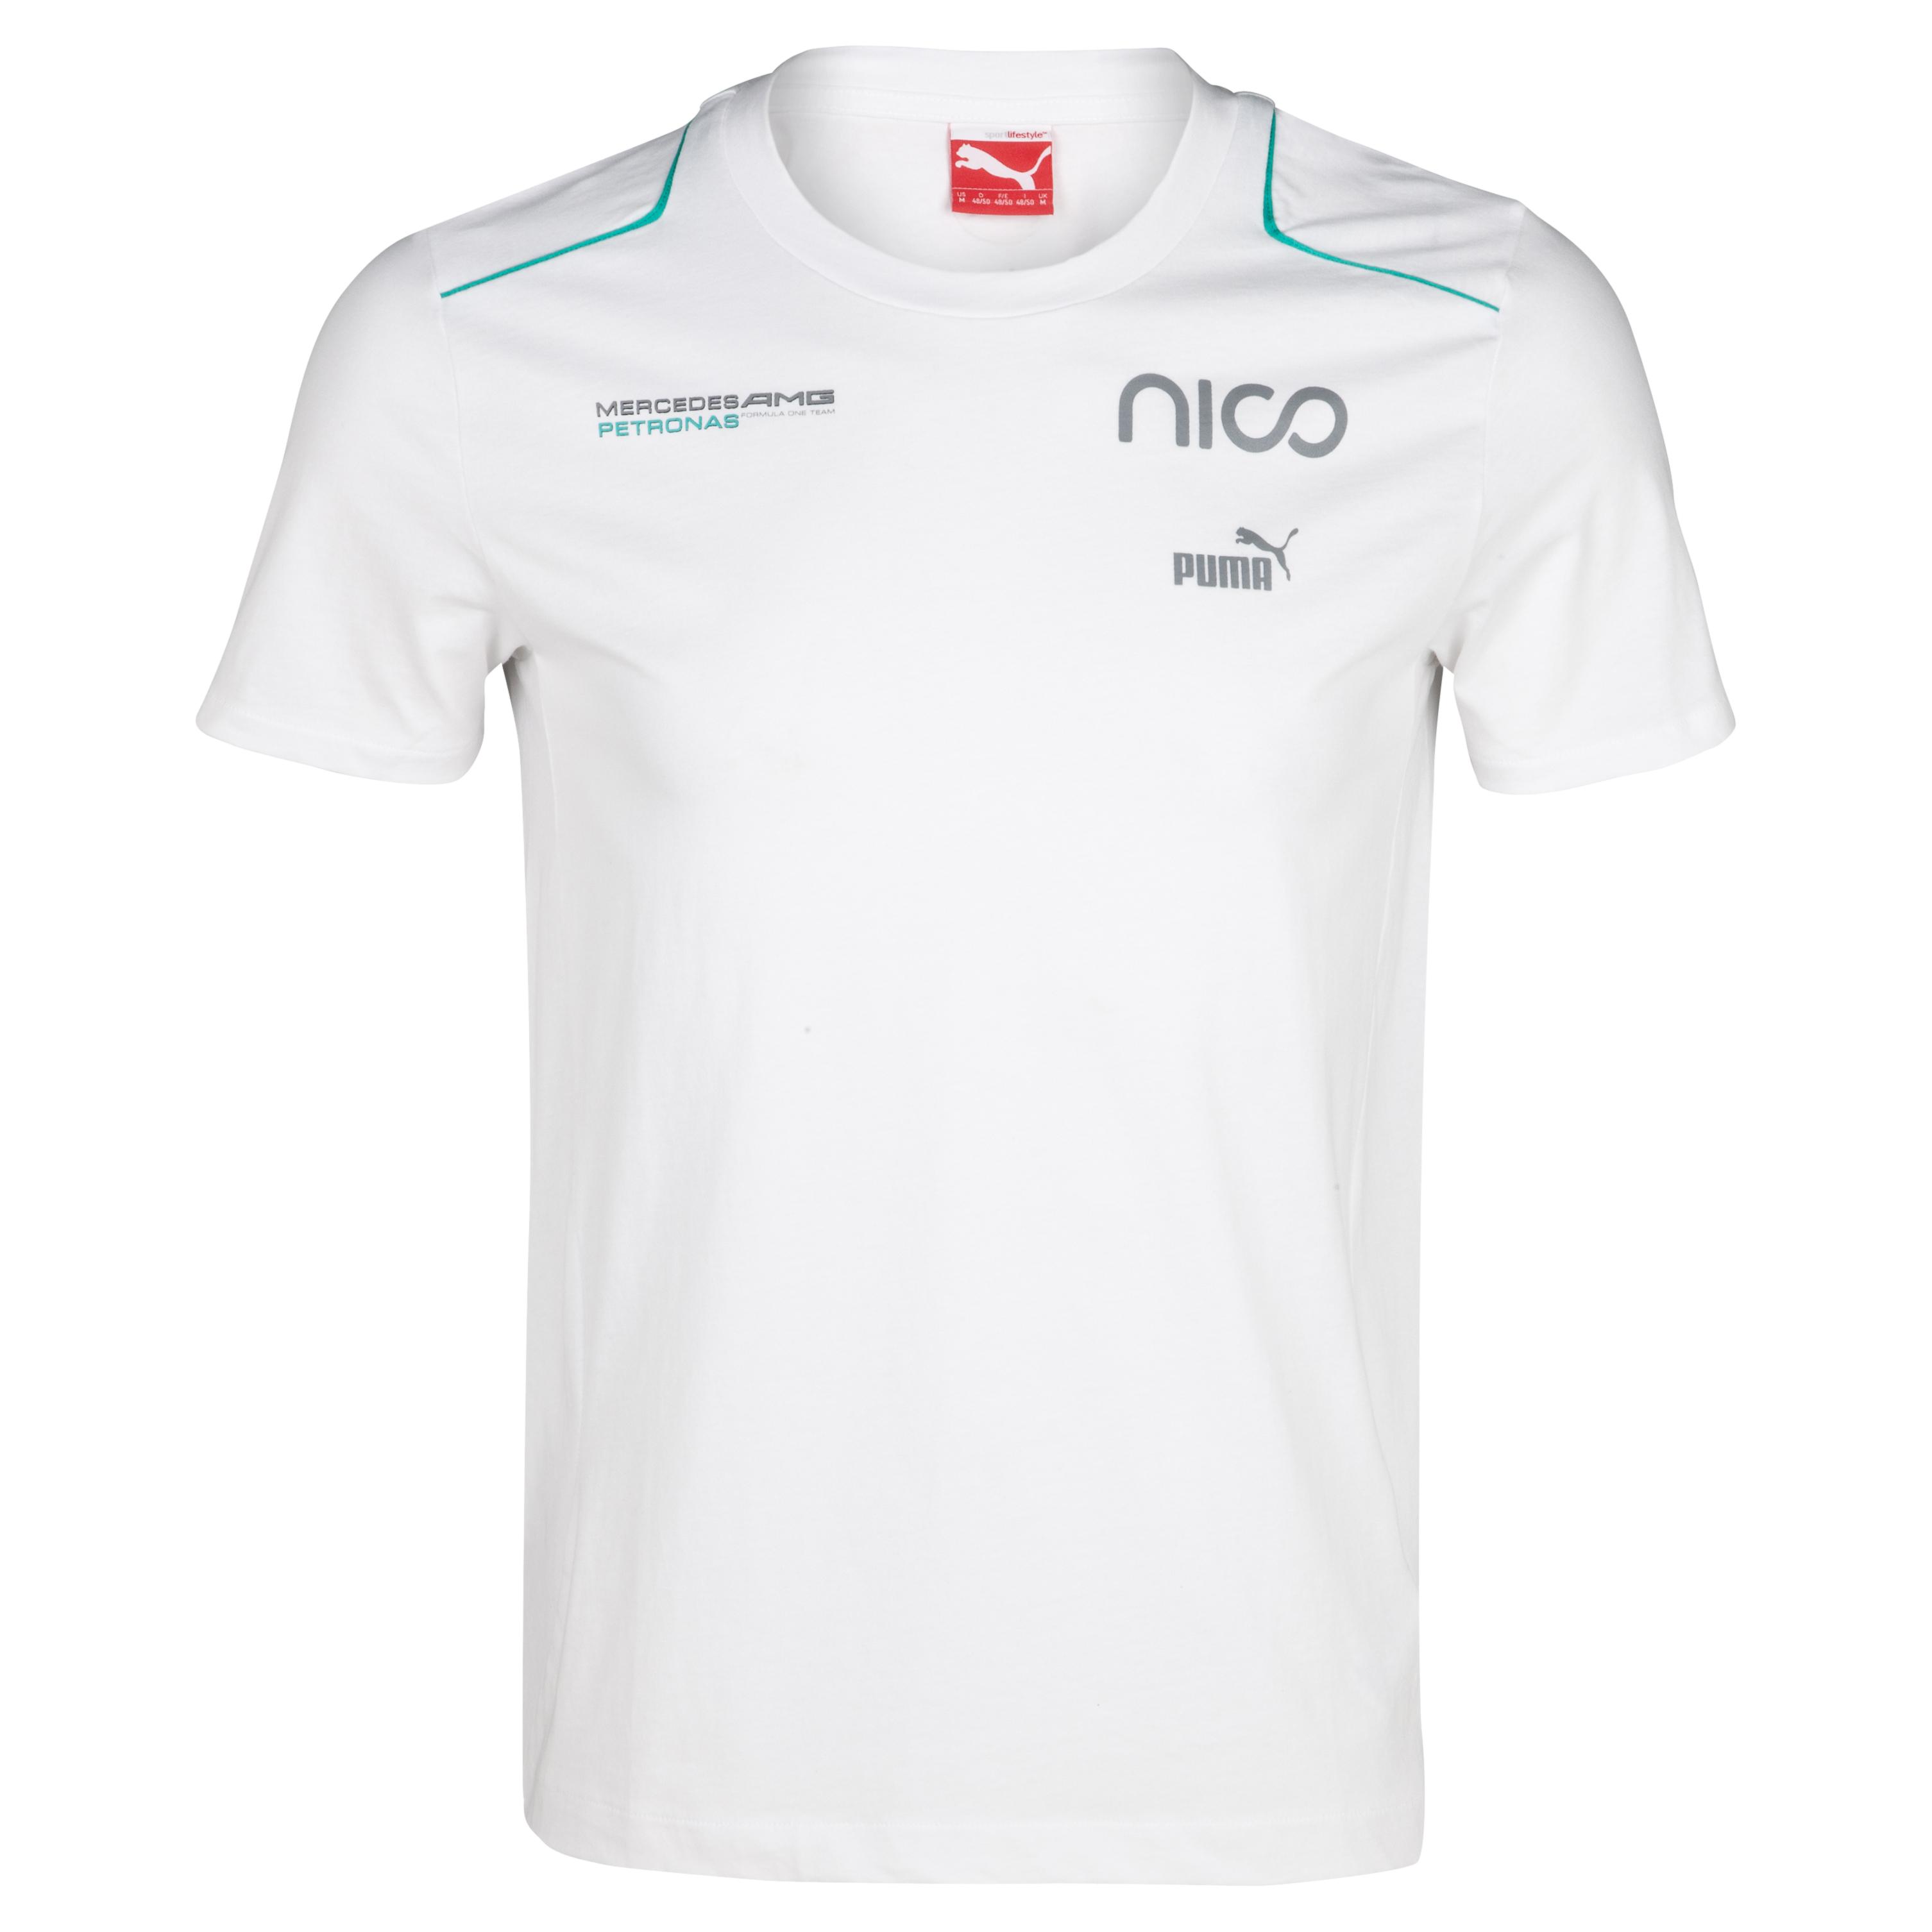 Mercedes AMG Petronas 2013 Rosberg T-Shirt